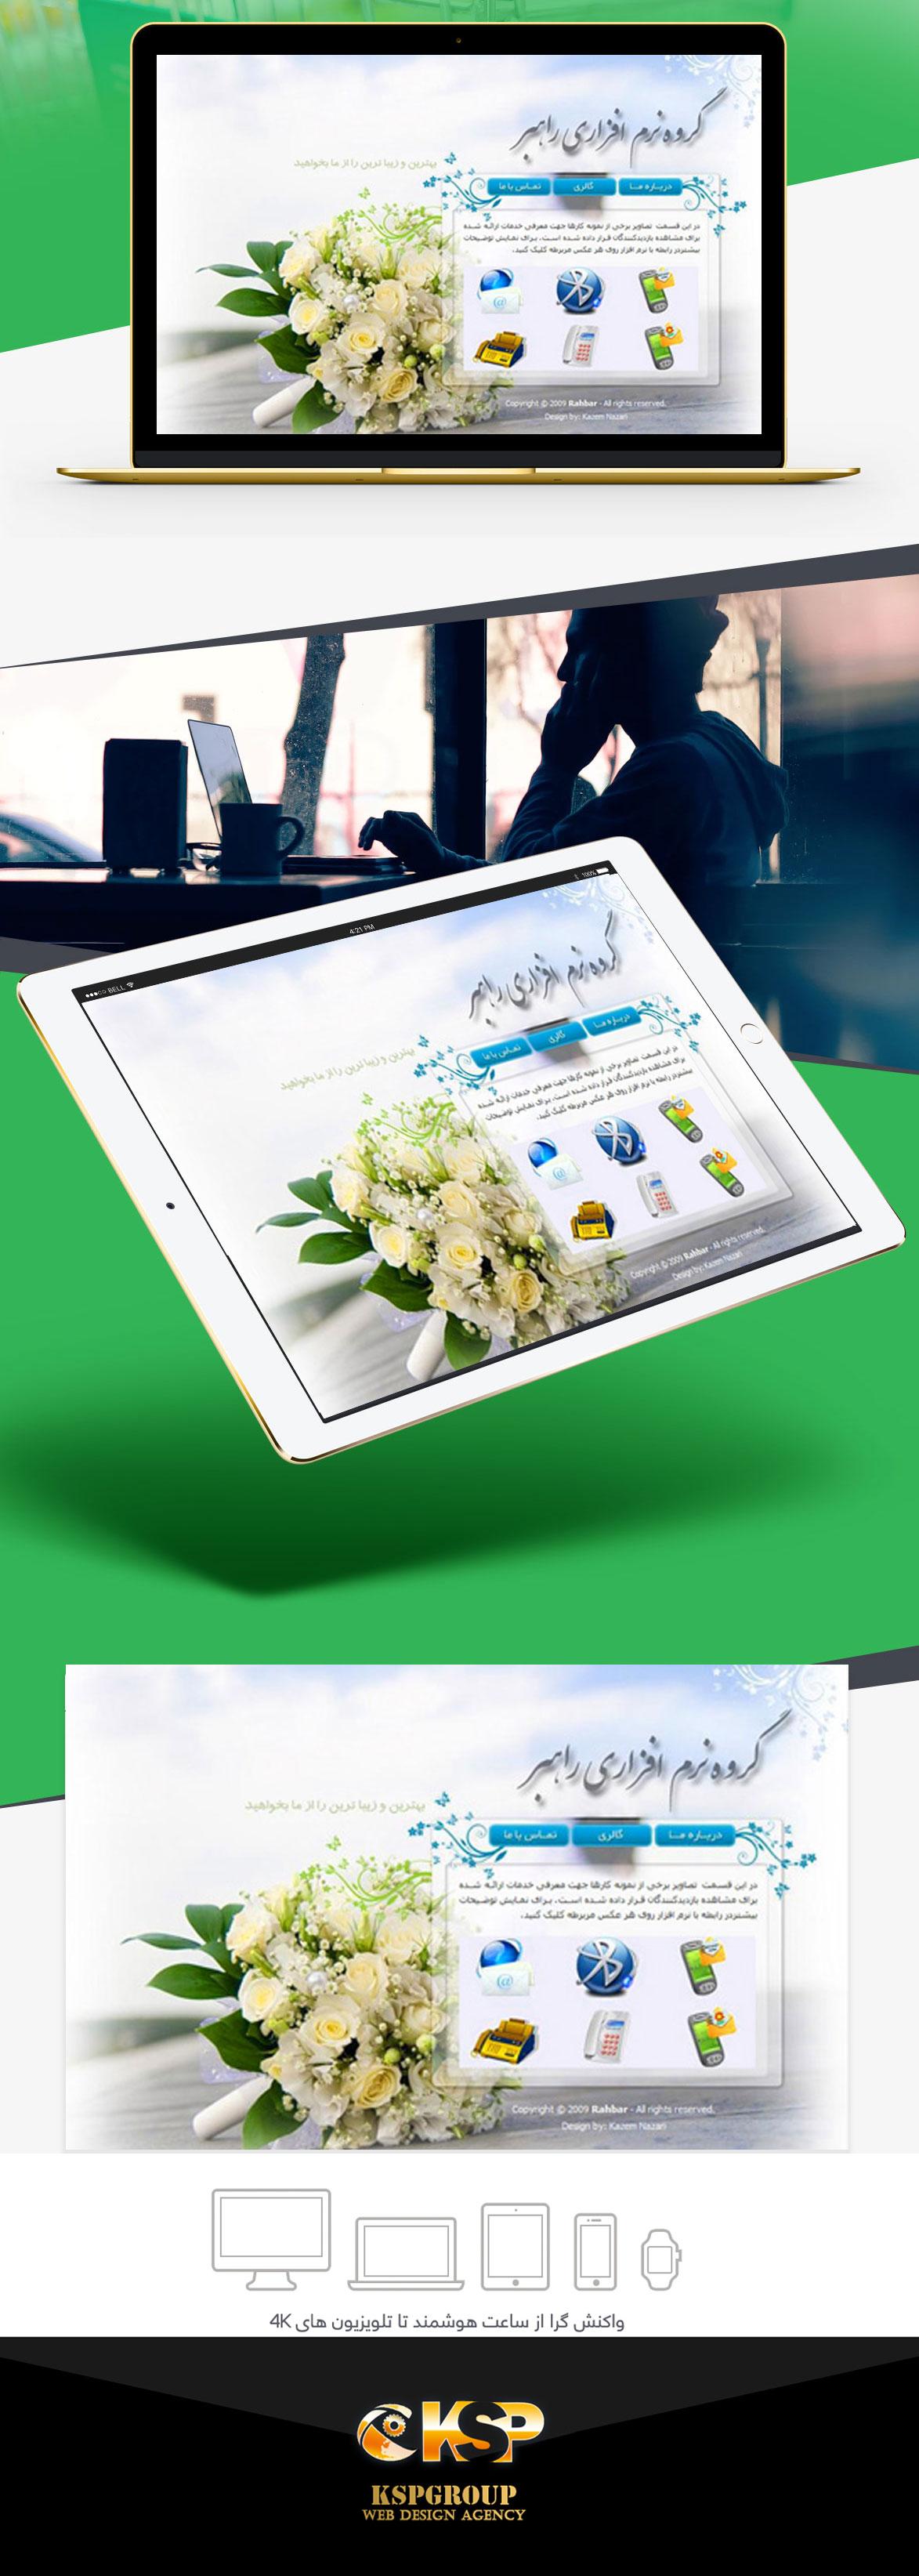 طراحی وب سایت شرکت گروه نرم افزاری راهبر پارس آرین